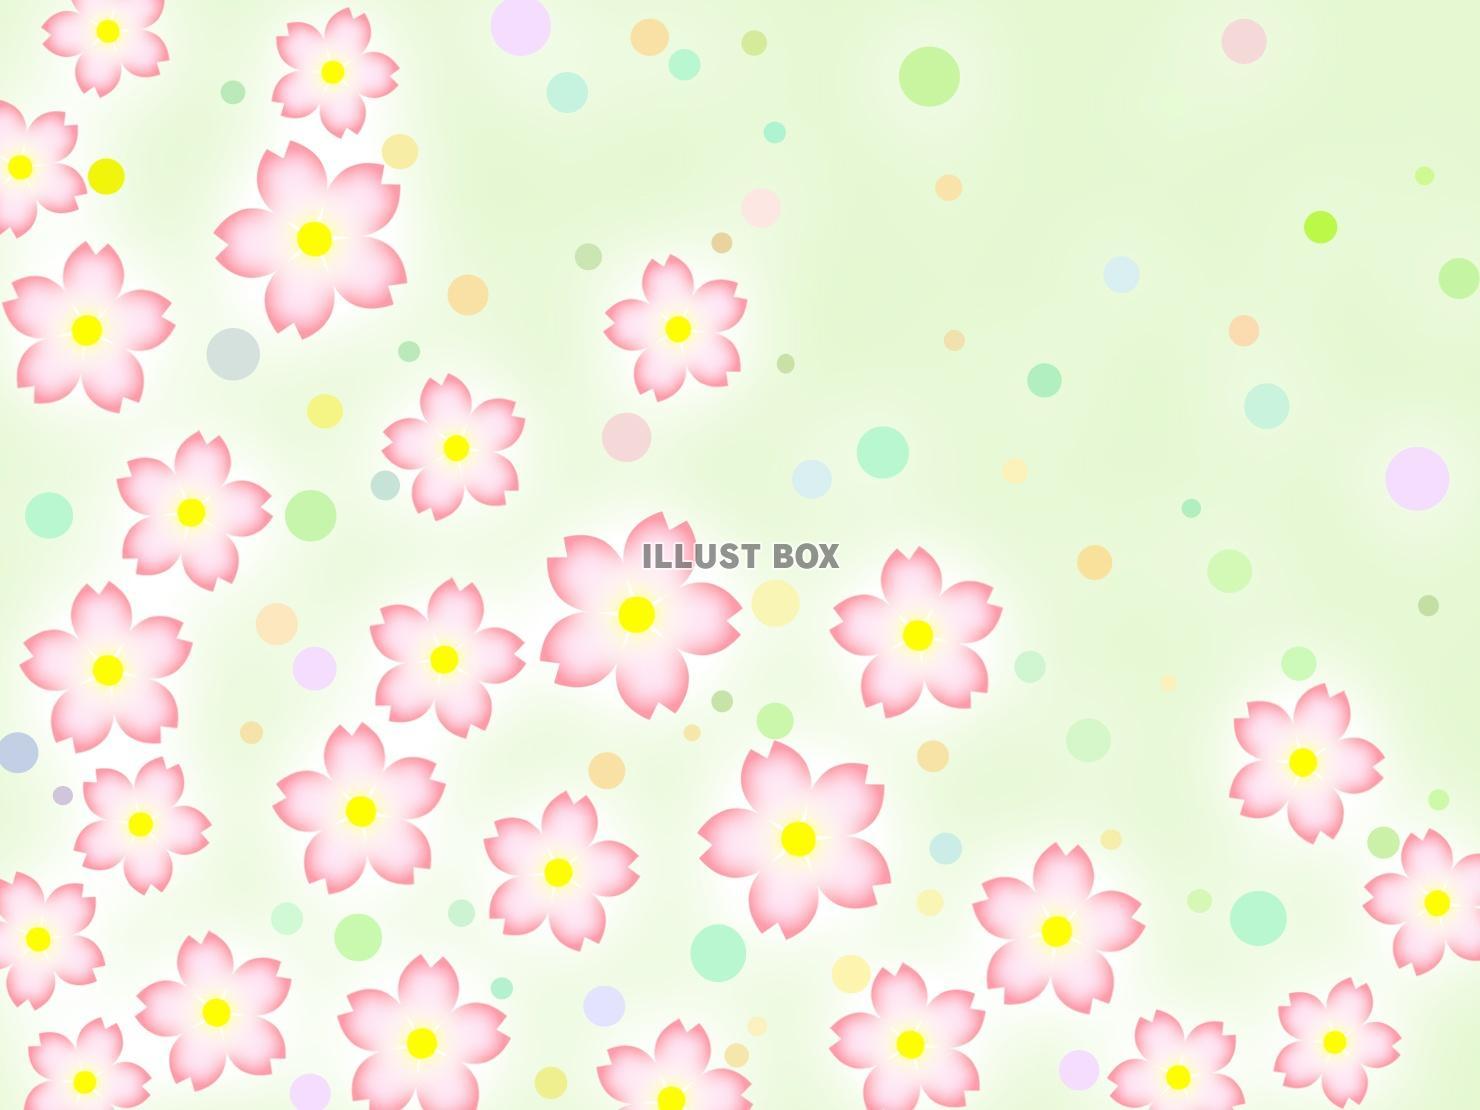 無料イラスト 桜の花柄と水玉模様の壁紙背景素材イラスト